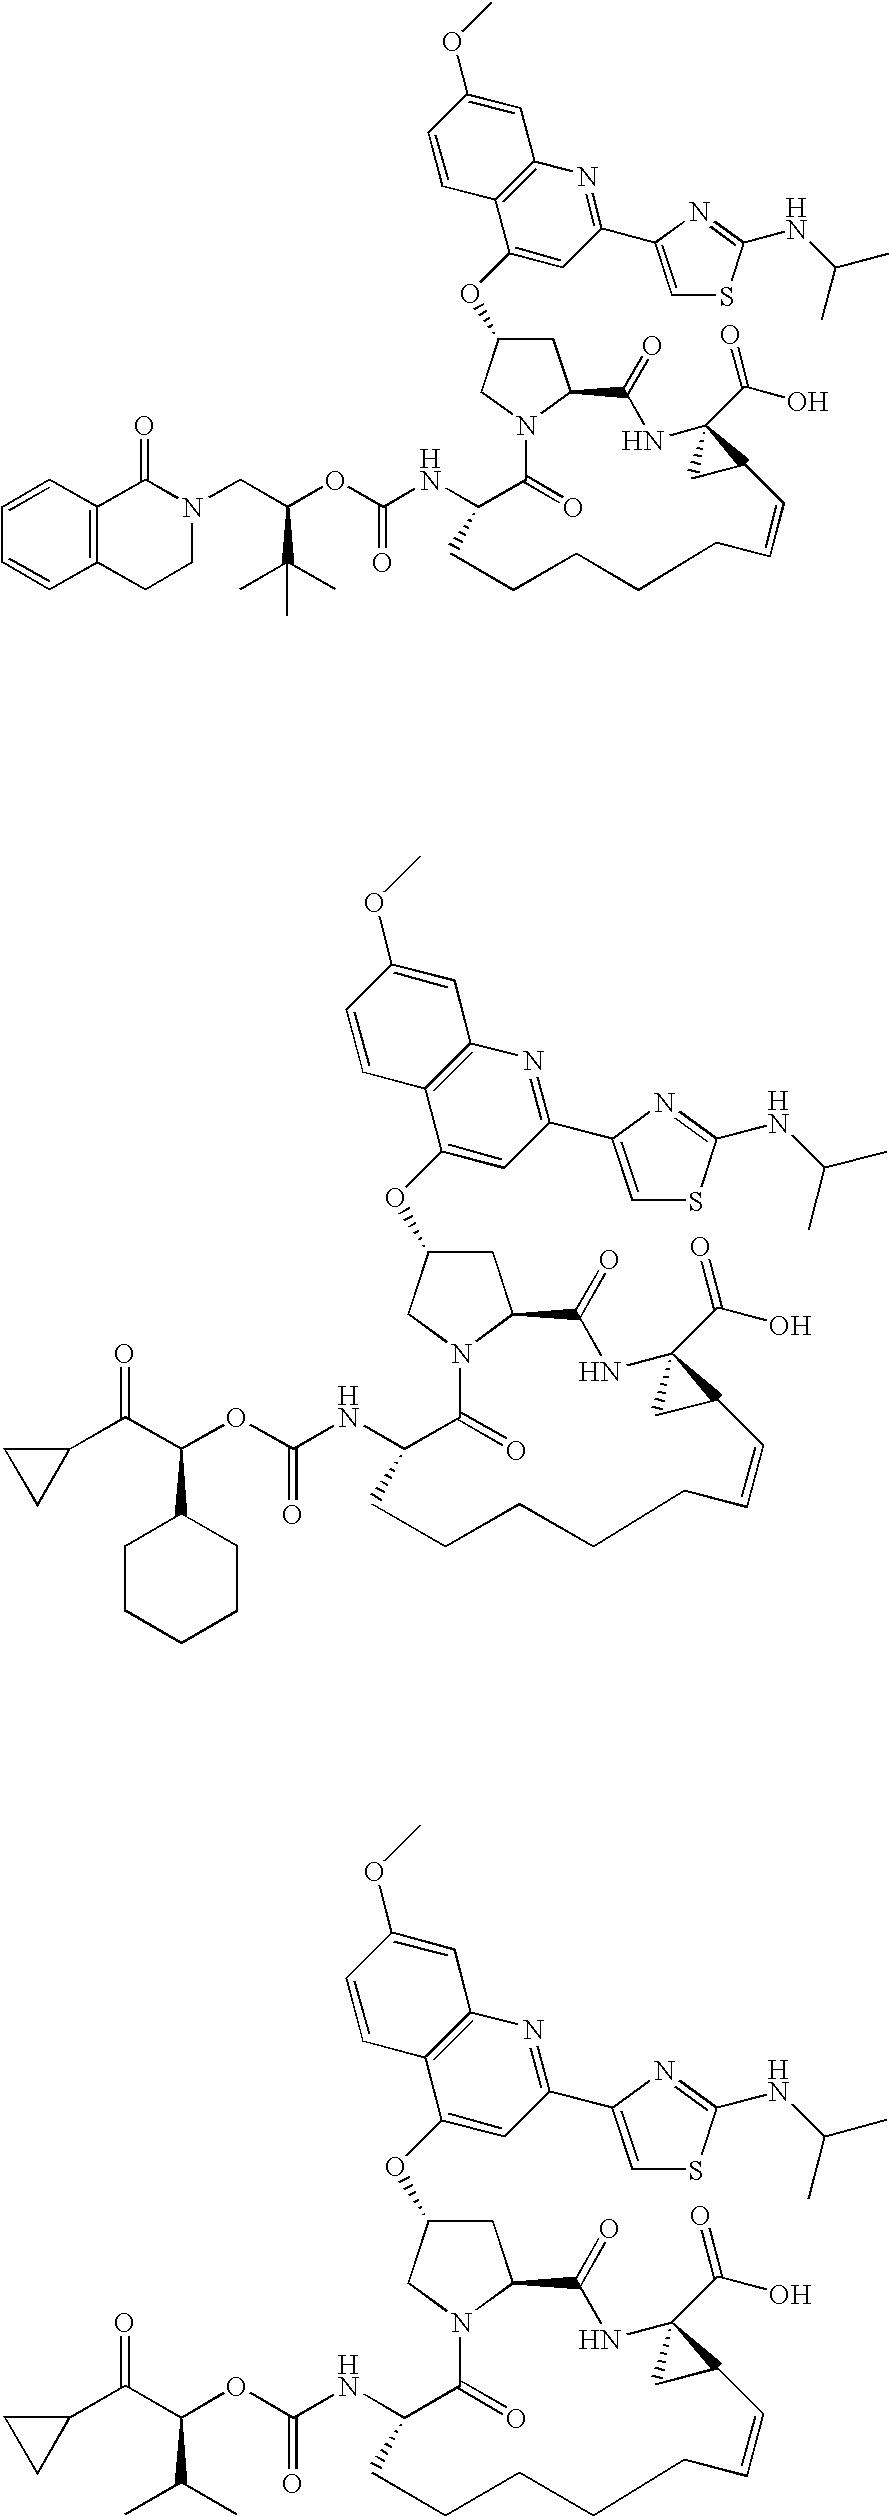 Figure US20060287248A1-20061221-C00181